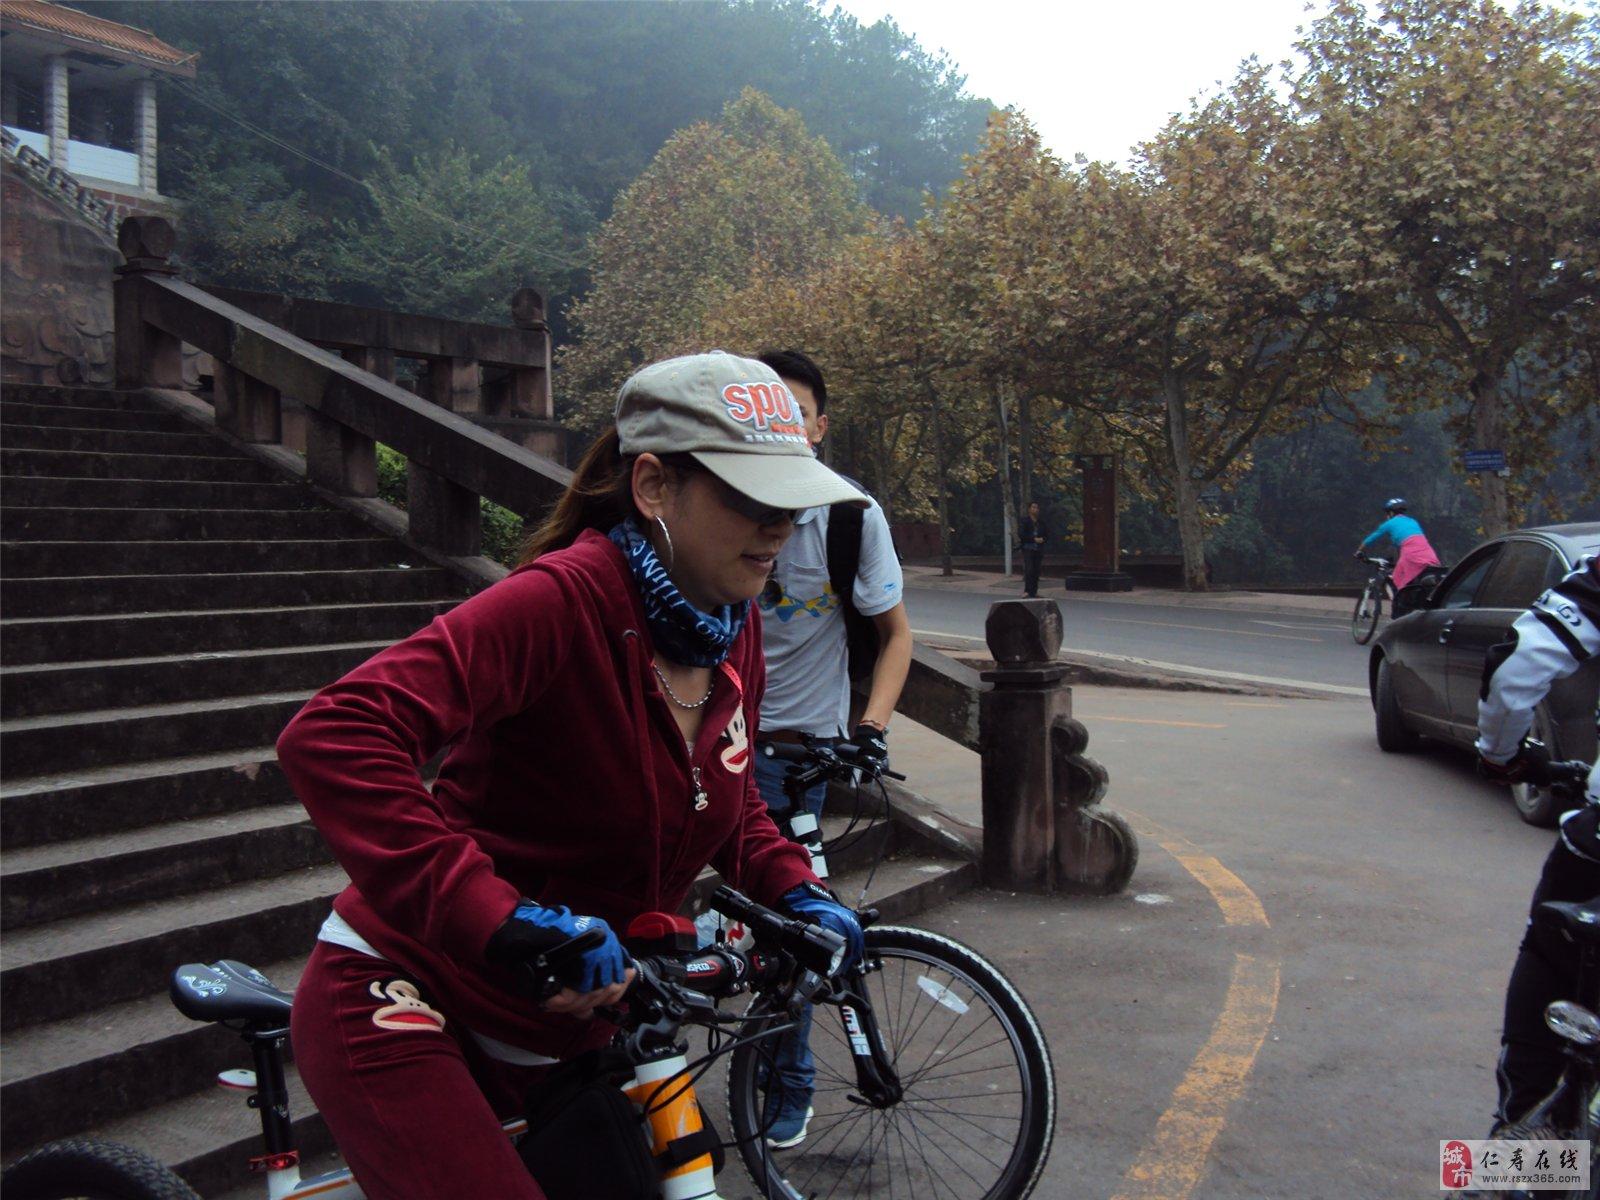 黄龙溪/主题: 秋季单车骑行玩转黄龙溪.....走起..